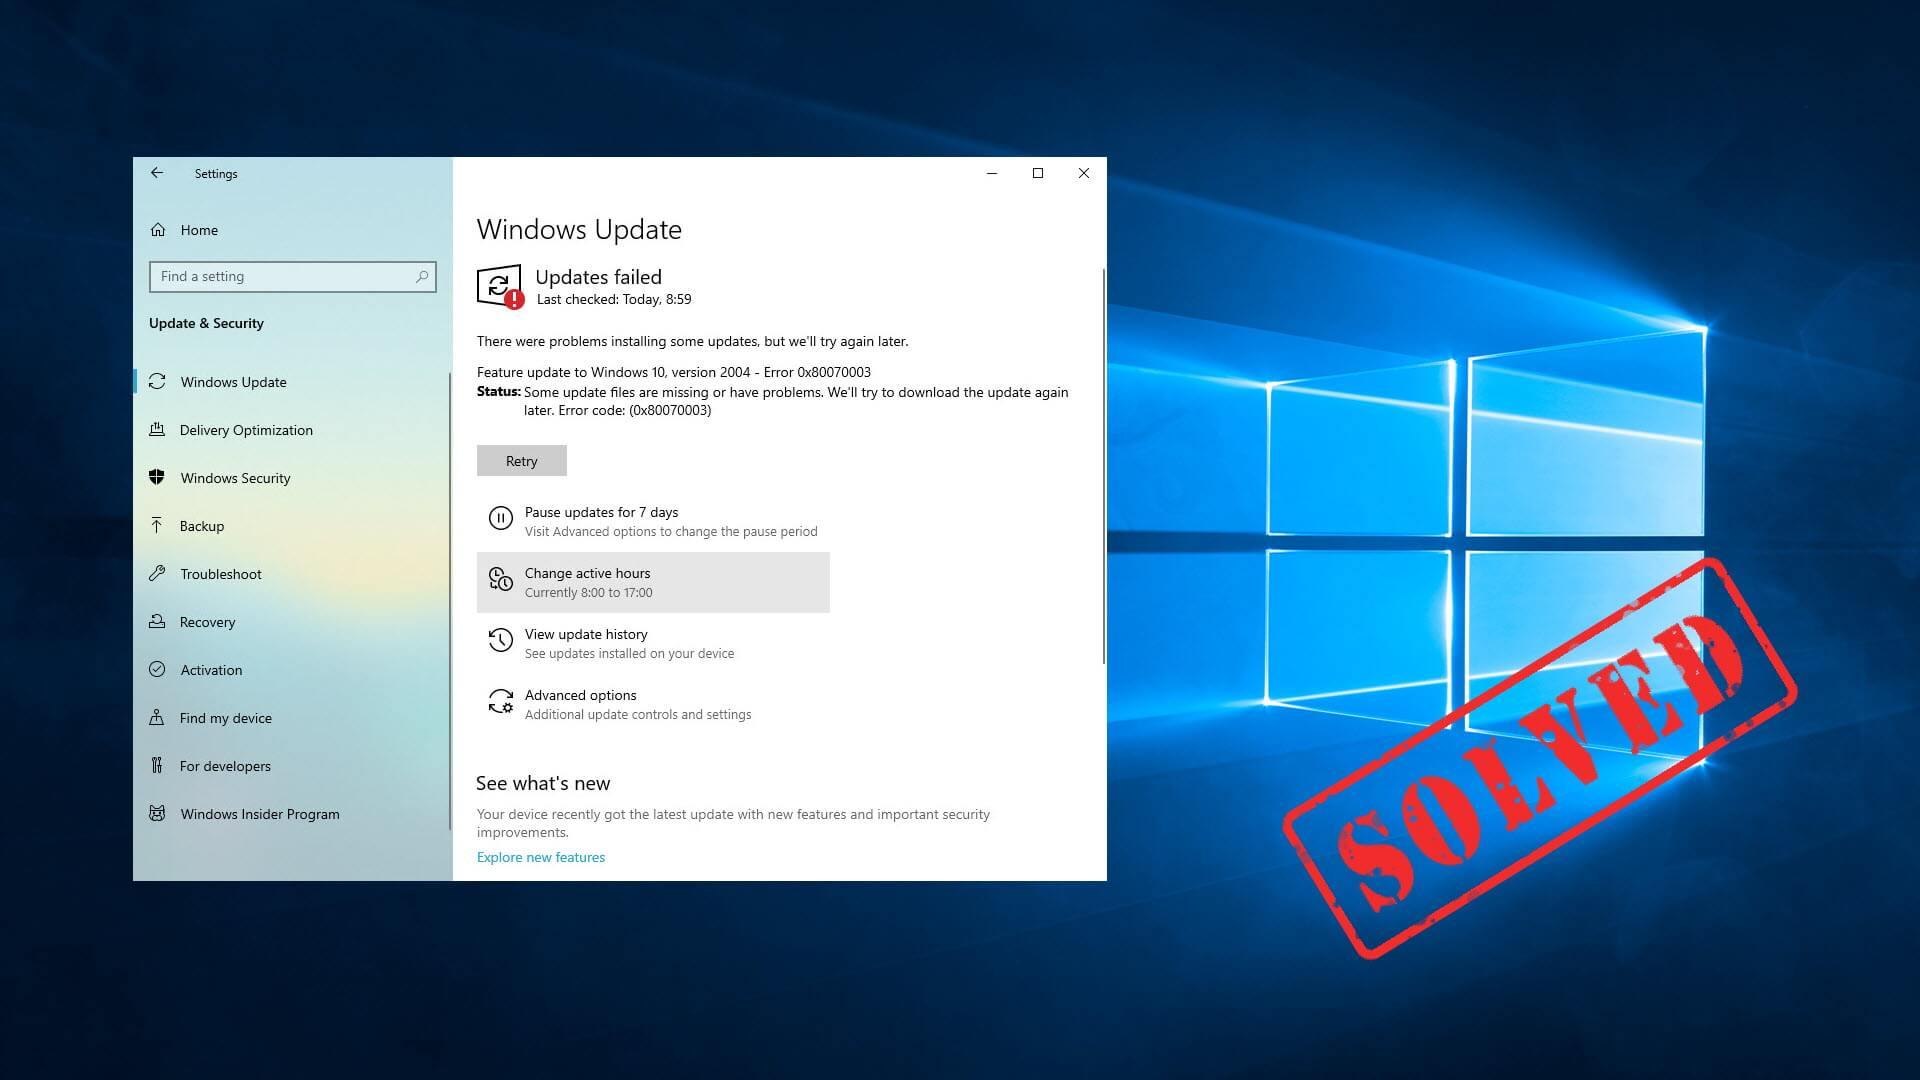 Windows 10 update error 0x80070003